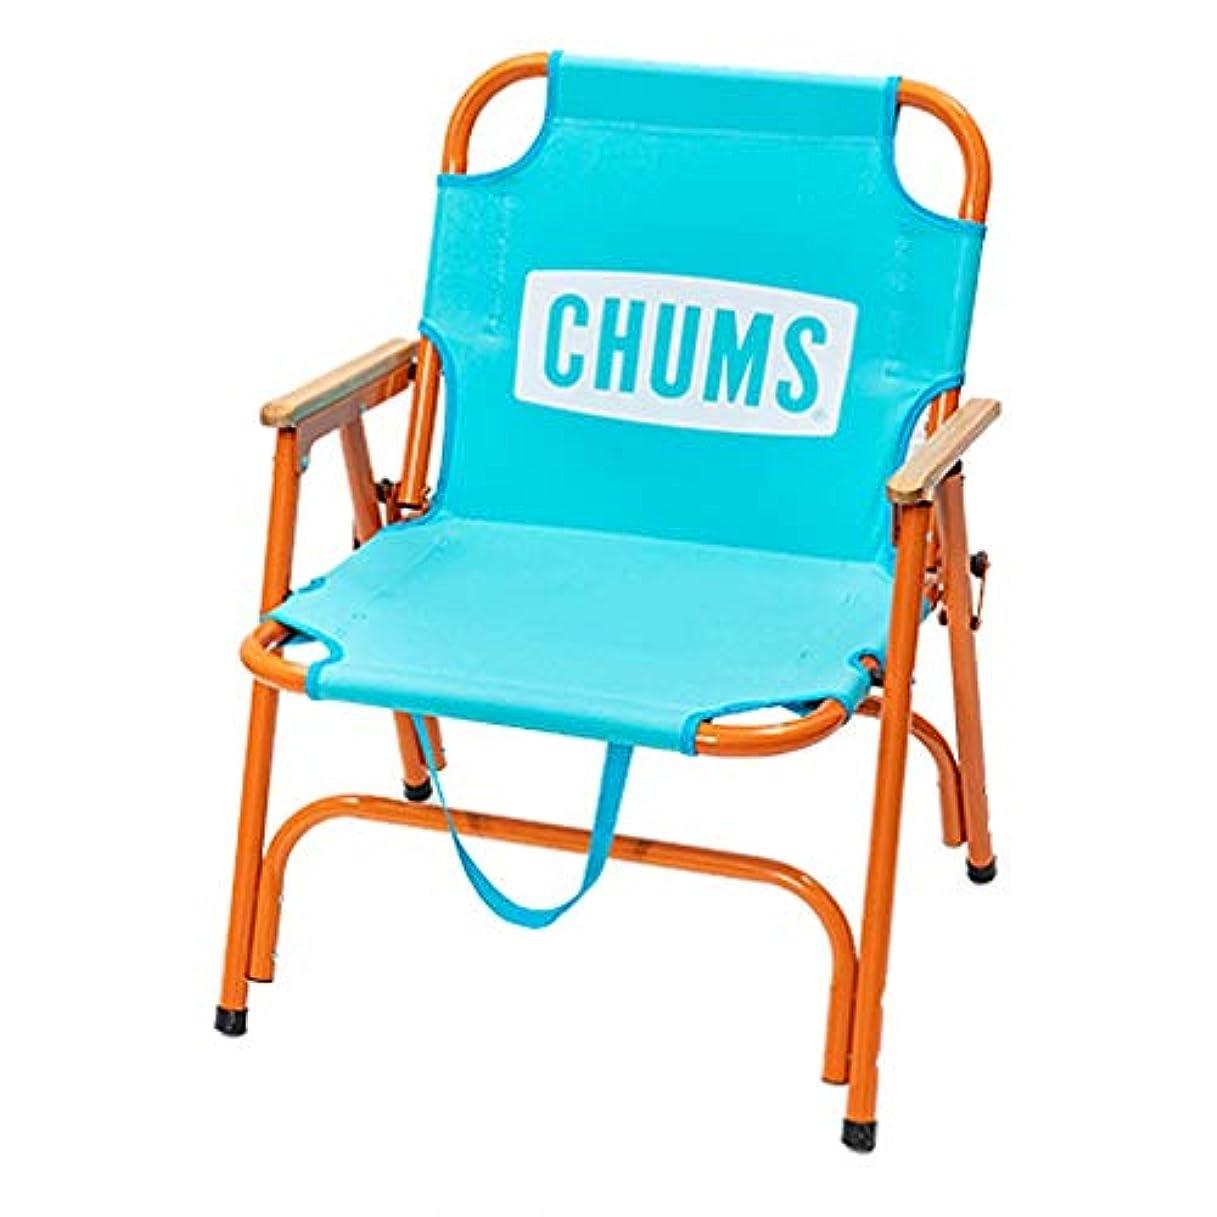 判決プレゼン大騒ぎCHUMS チャムス チャムスバックウィズチェア